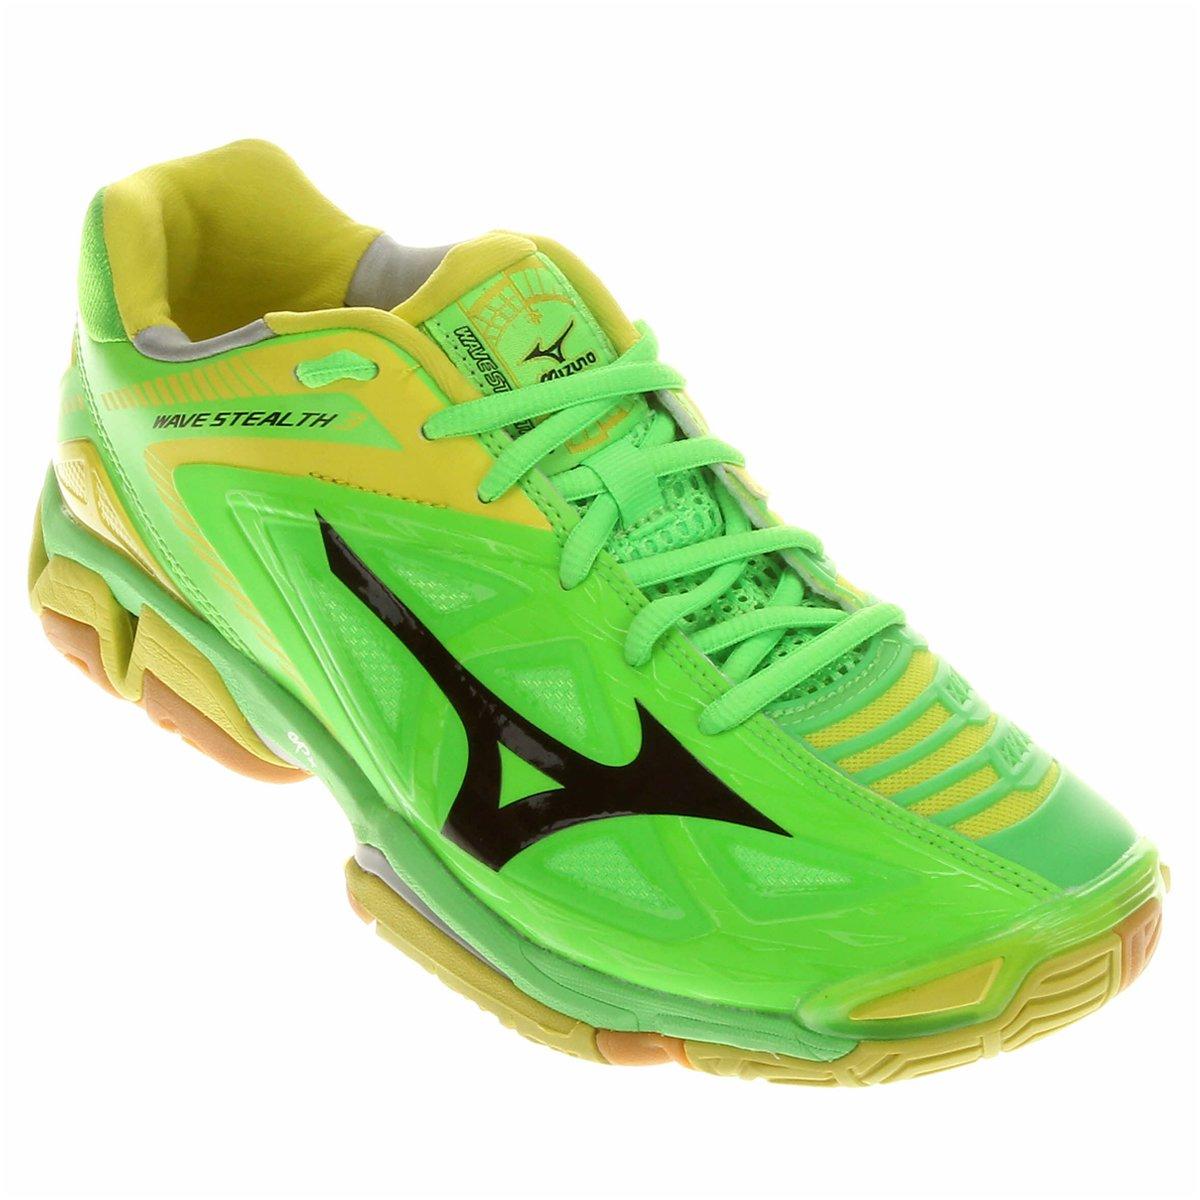 tenis mizuno wave stealth 3 n900